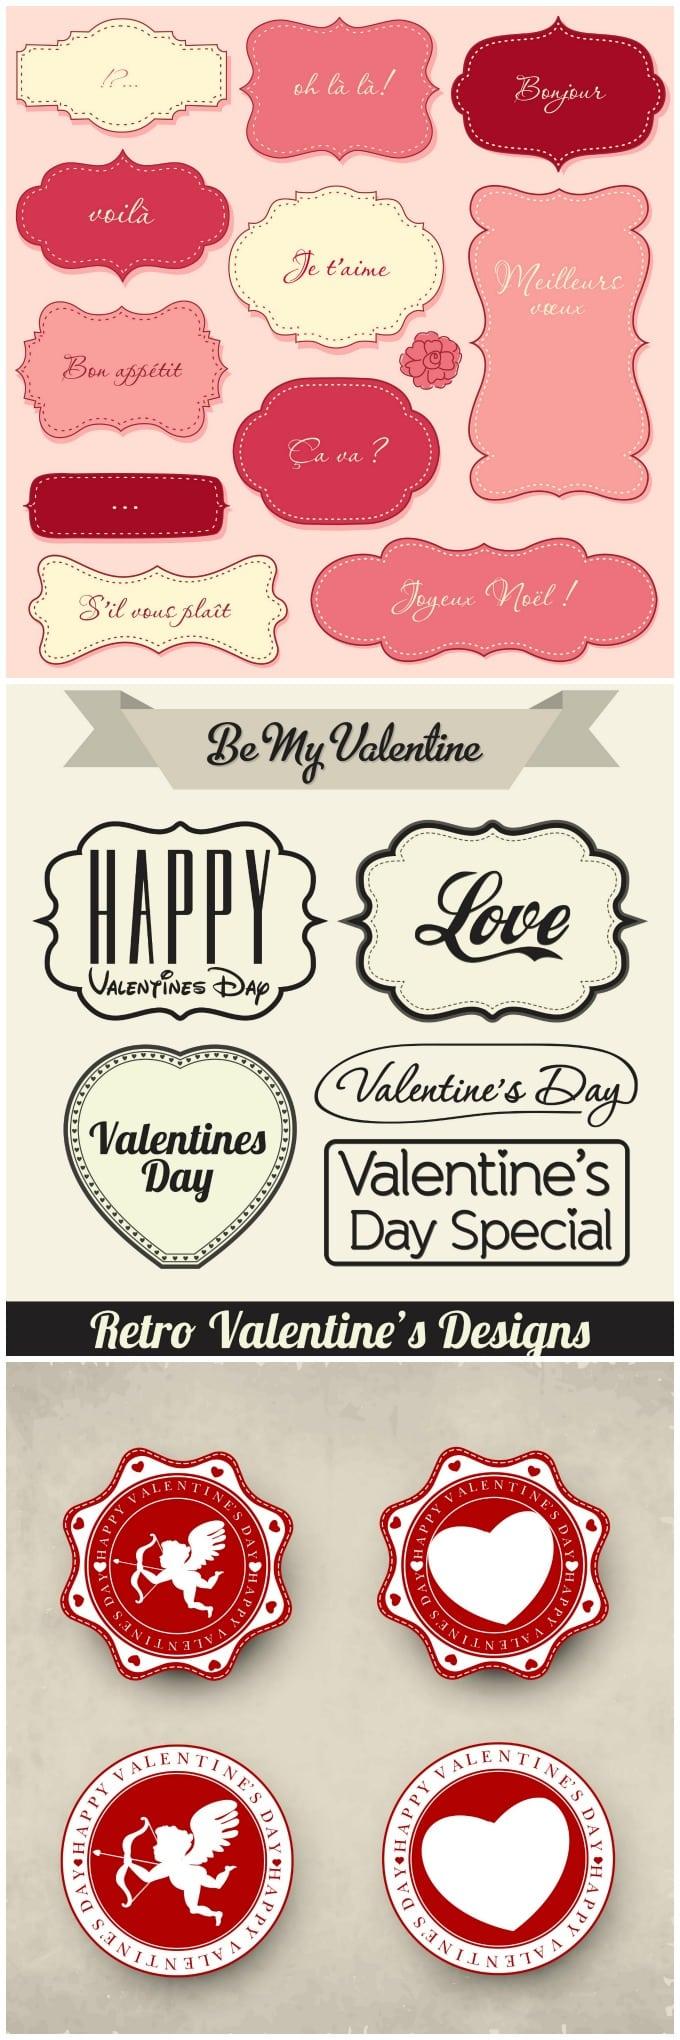 GraphicStock Valentines